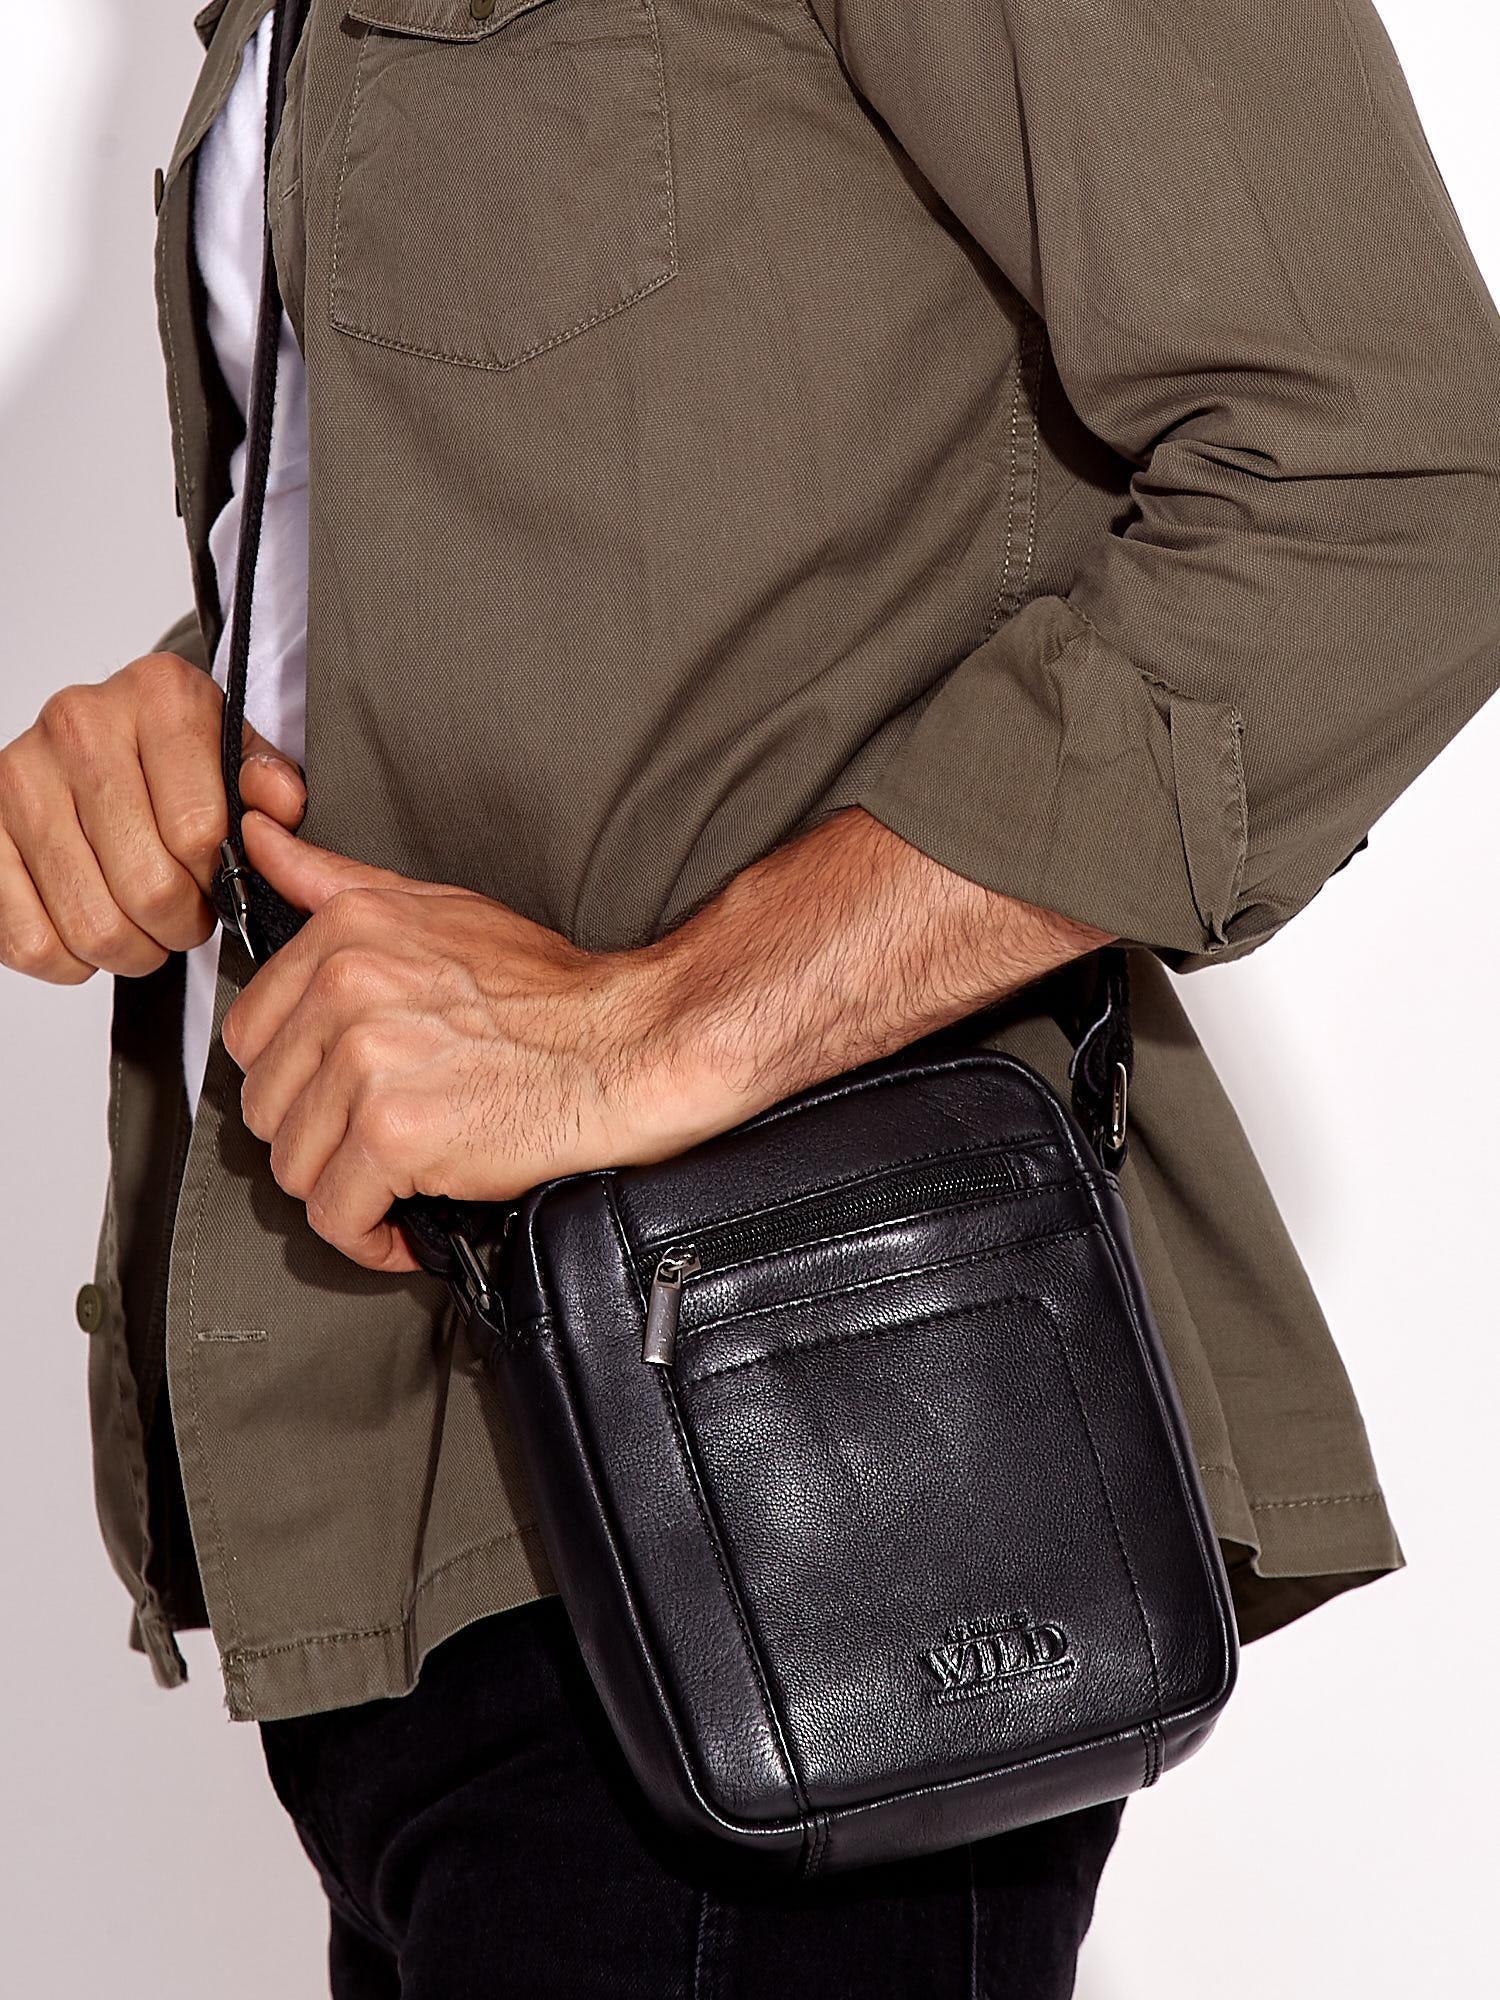 af24aeb19cadd Czarna skórzana torba męska z kieszeniami - Mężczyźni Torba męska ...